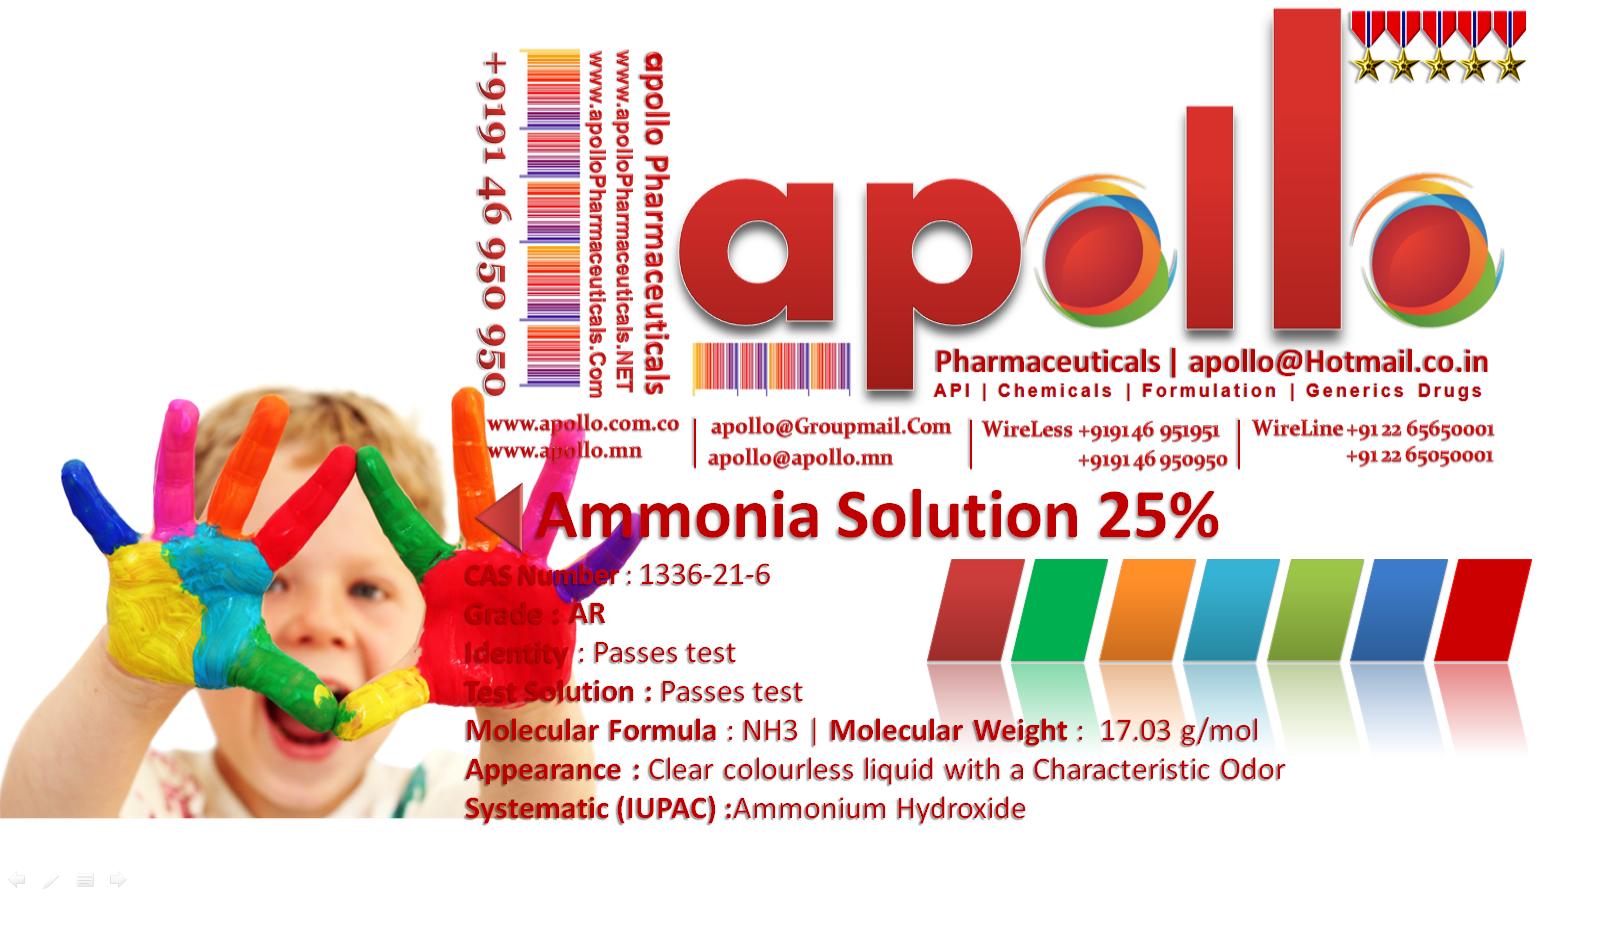 Ammonia Solution 25 Apollo 91 91 46 950 950 Ammonia Solution